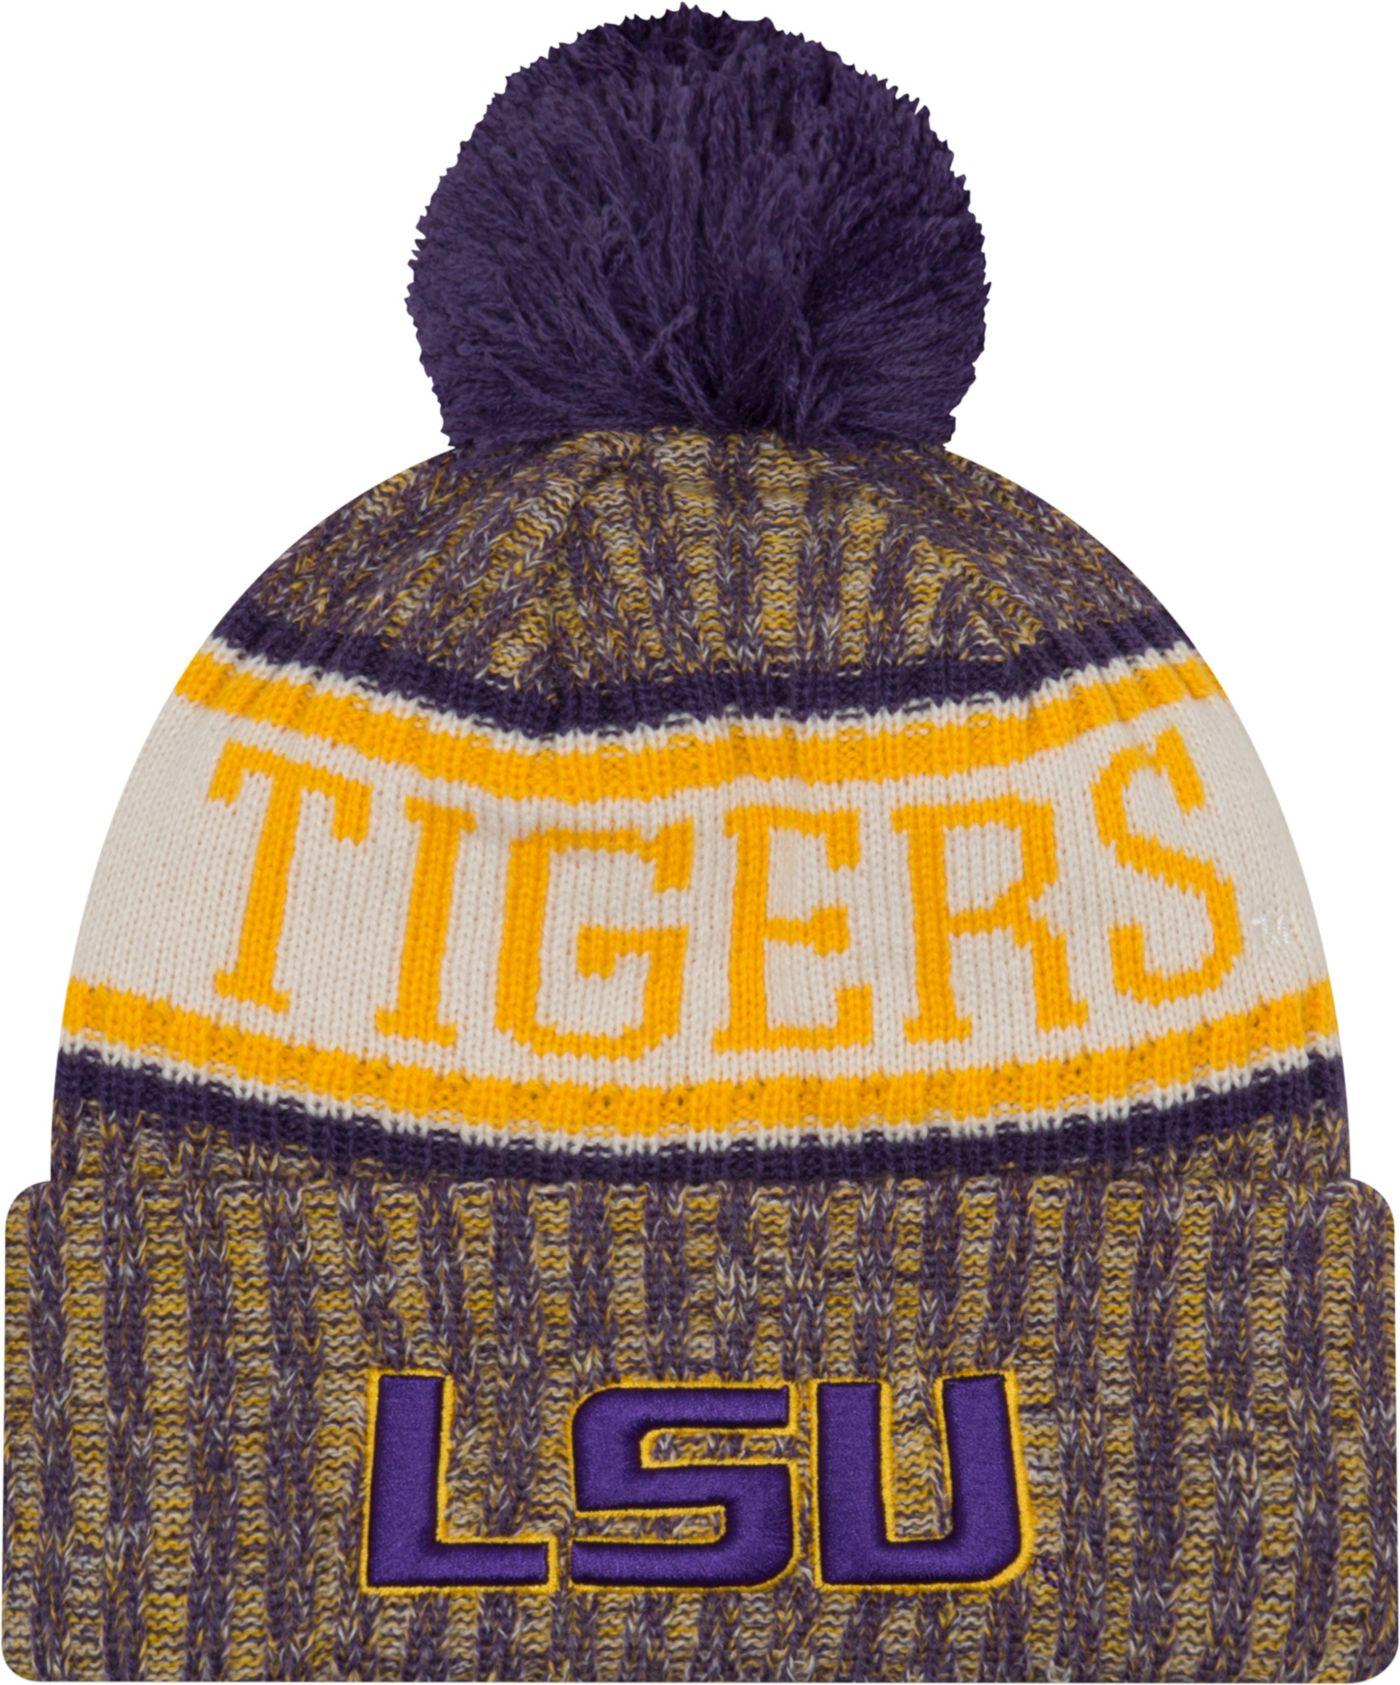 New Era Men's LSU Tigers Purple Sport Knit Beanie